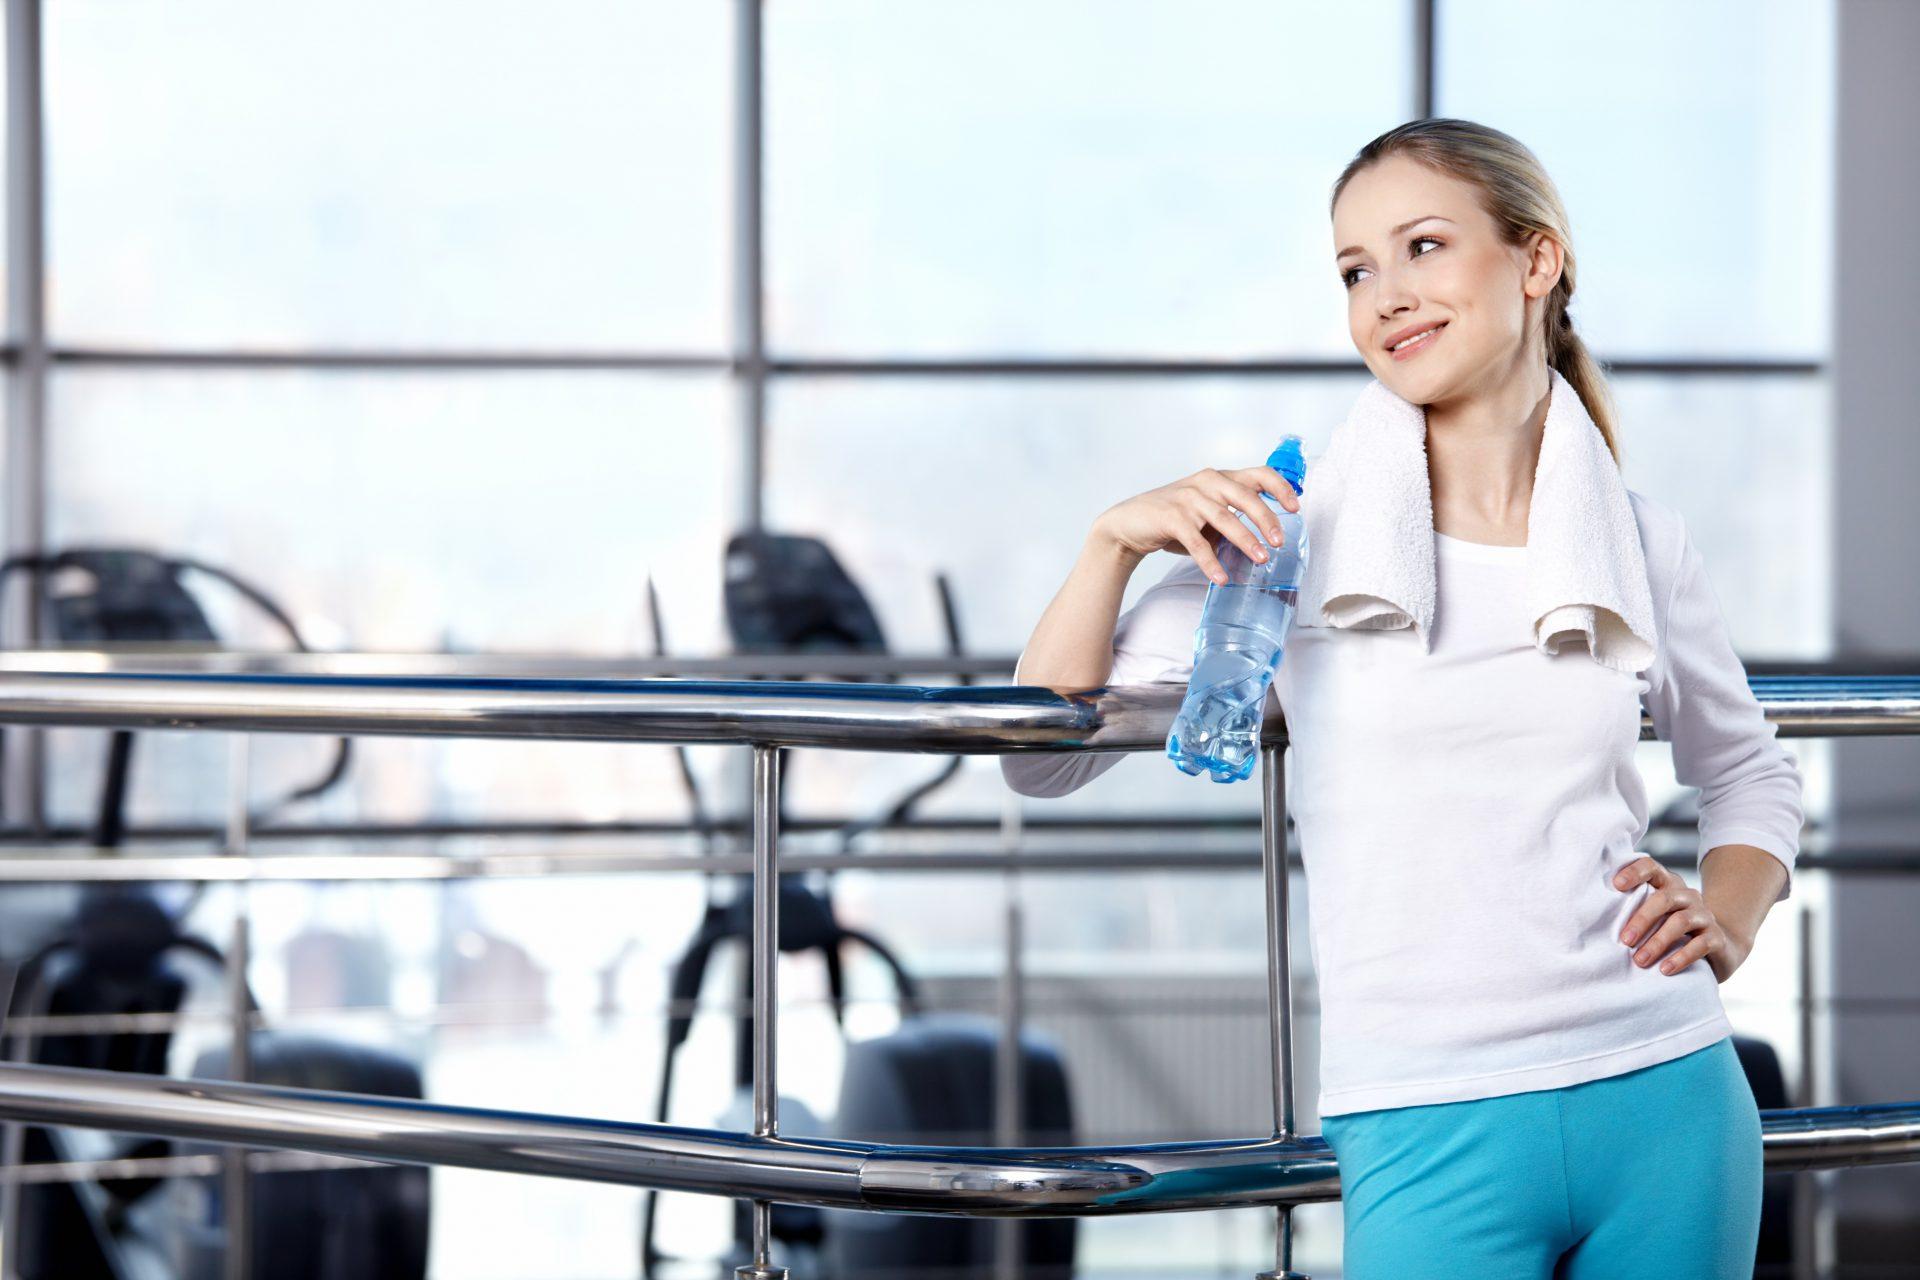 Berolahraga Jangan lupakan aktiviti fizik kerana dengan berolah raga mampu membantu membuang racun-racun dan kotoran yang ada dalam kulit menerusi perpeluhan saat beraktiviti.